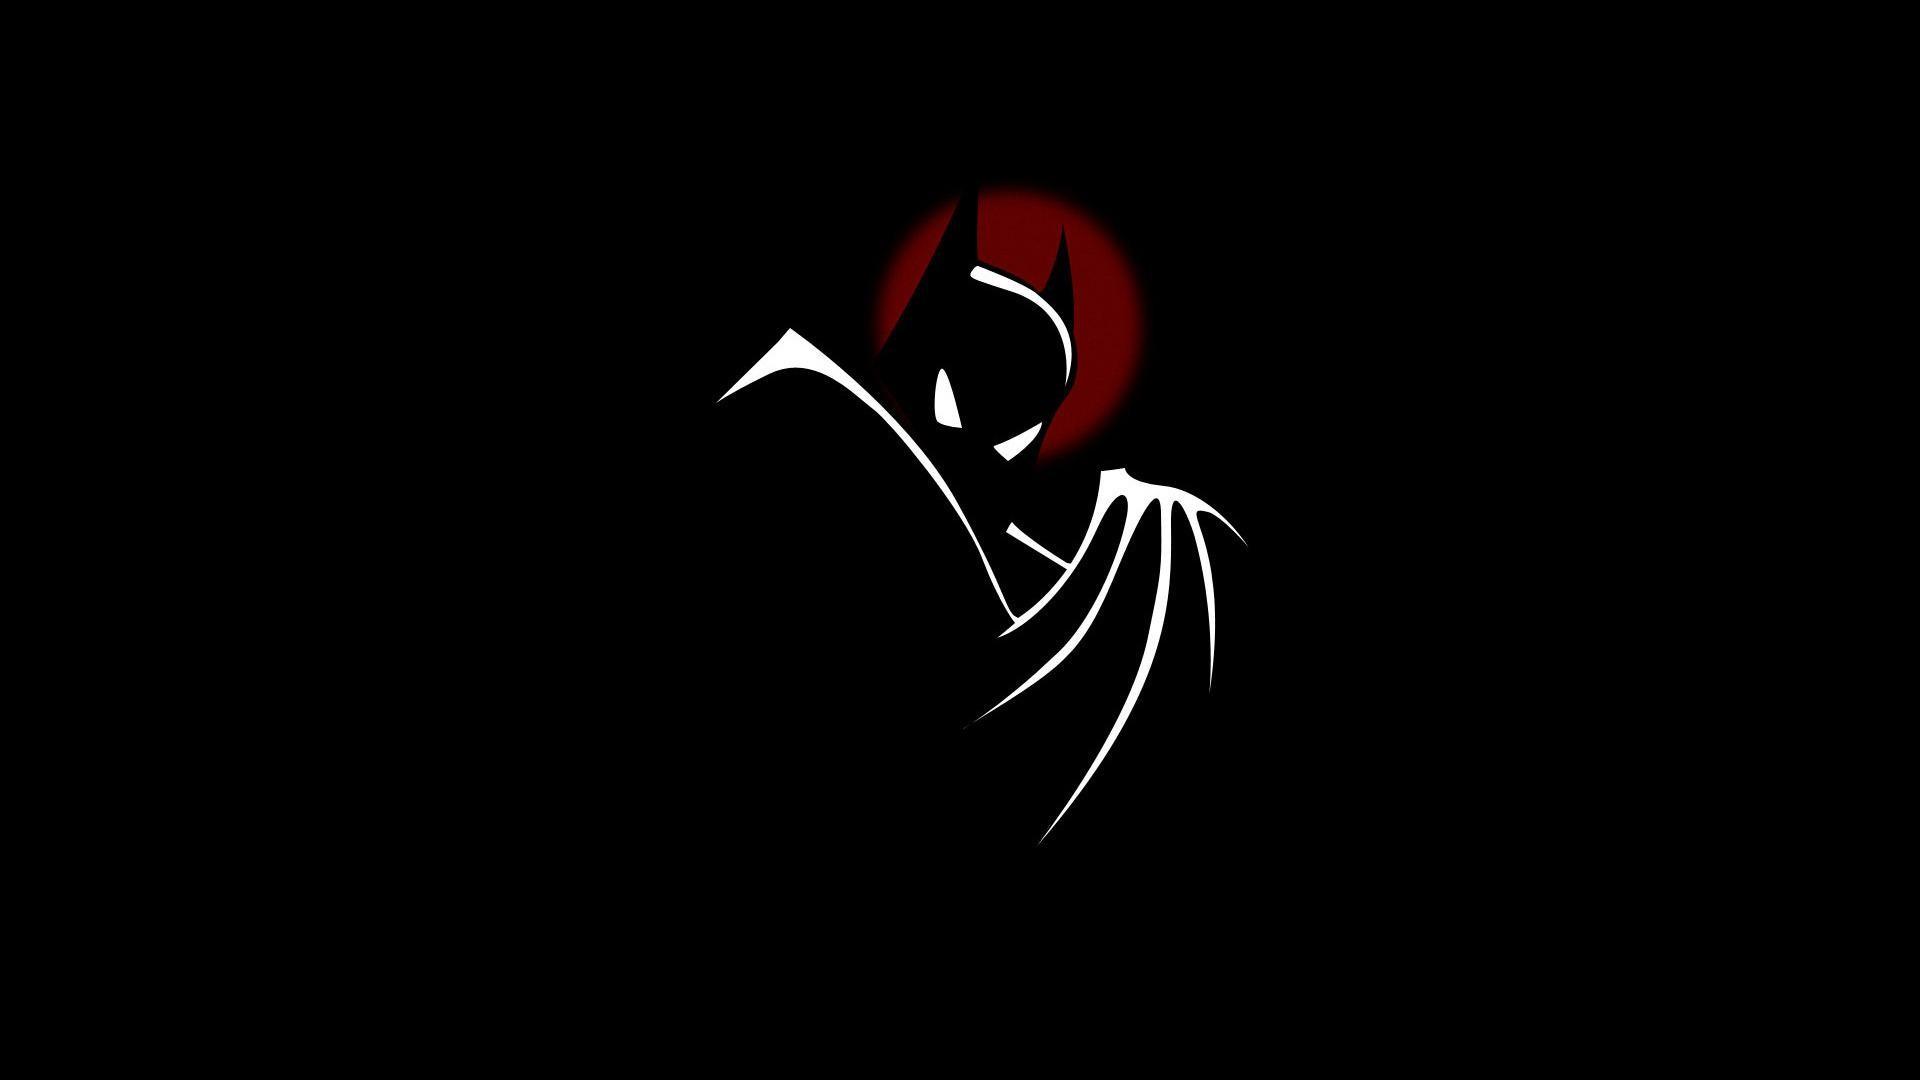 cute batman cartoon wallpaper